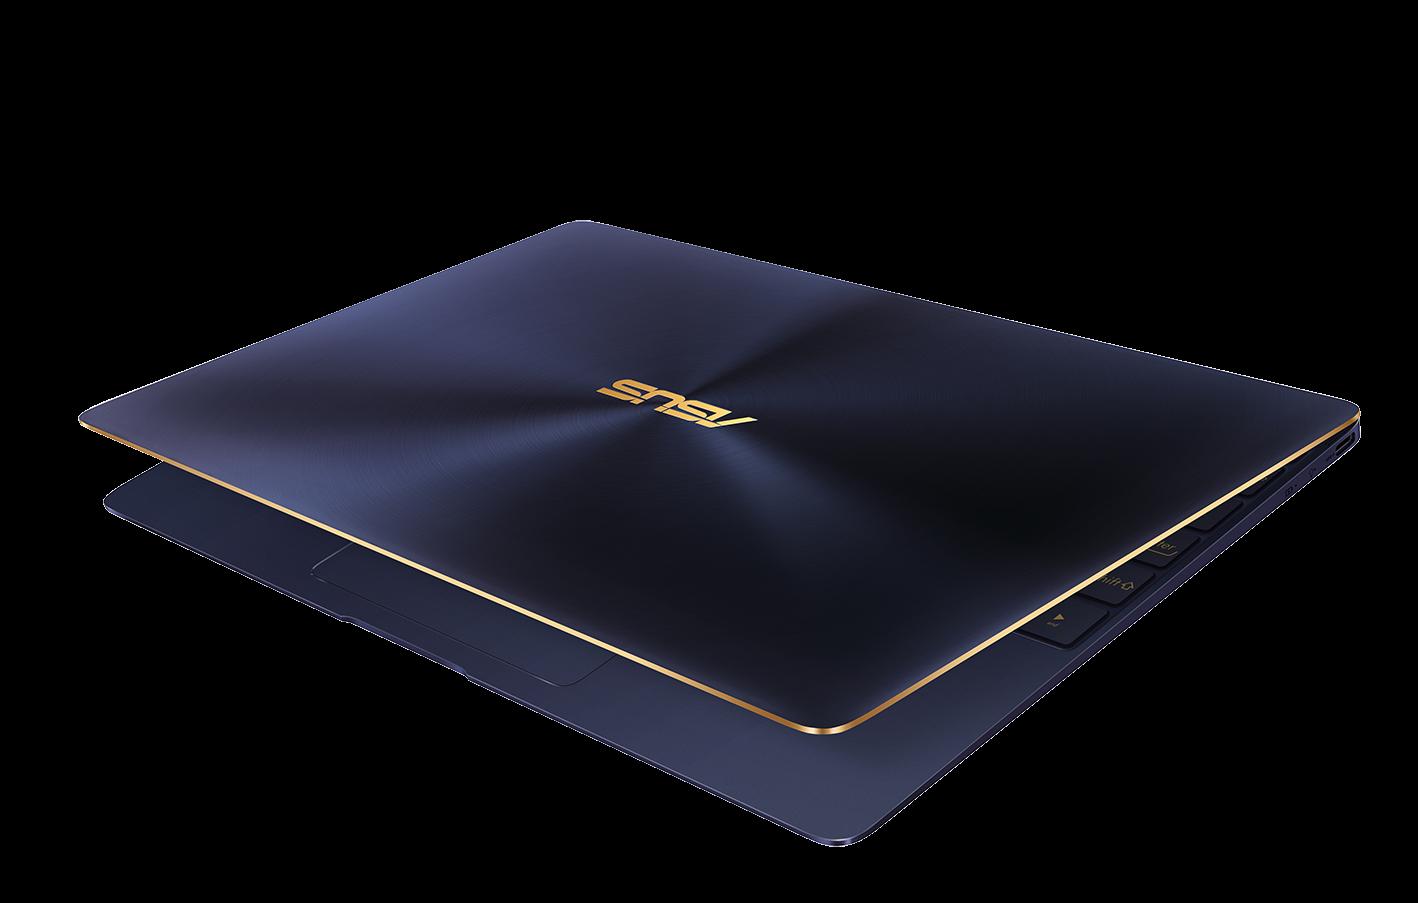 asus-zenbook-3_ux390_unibody-design-wity-aerospace-grade-alloy-e1464752721734